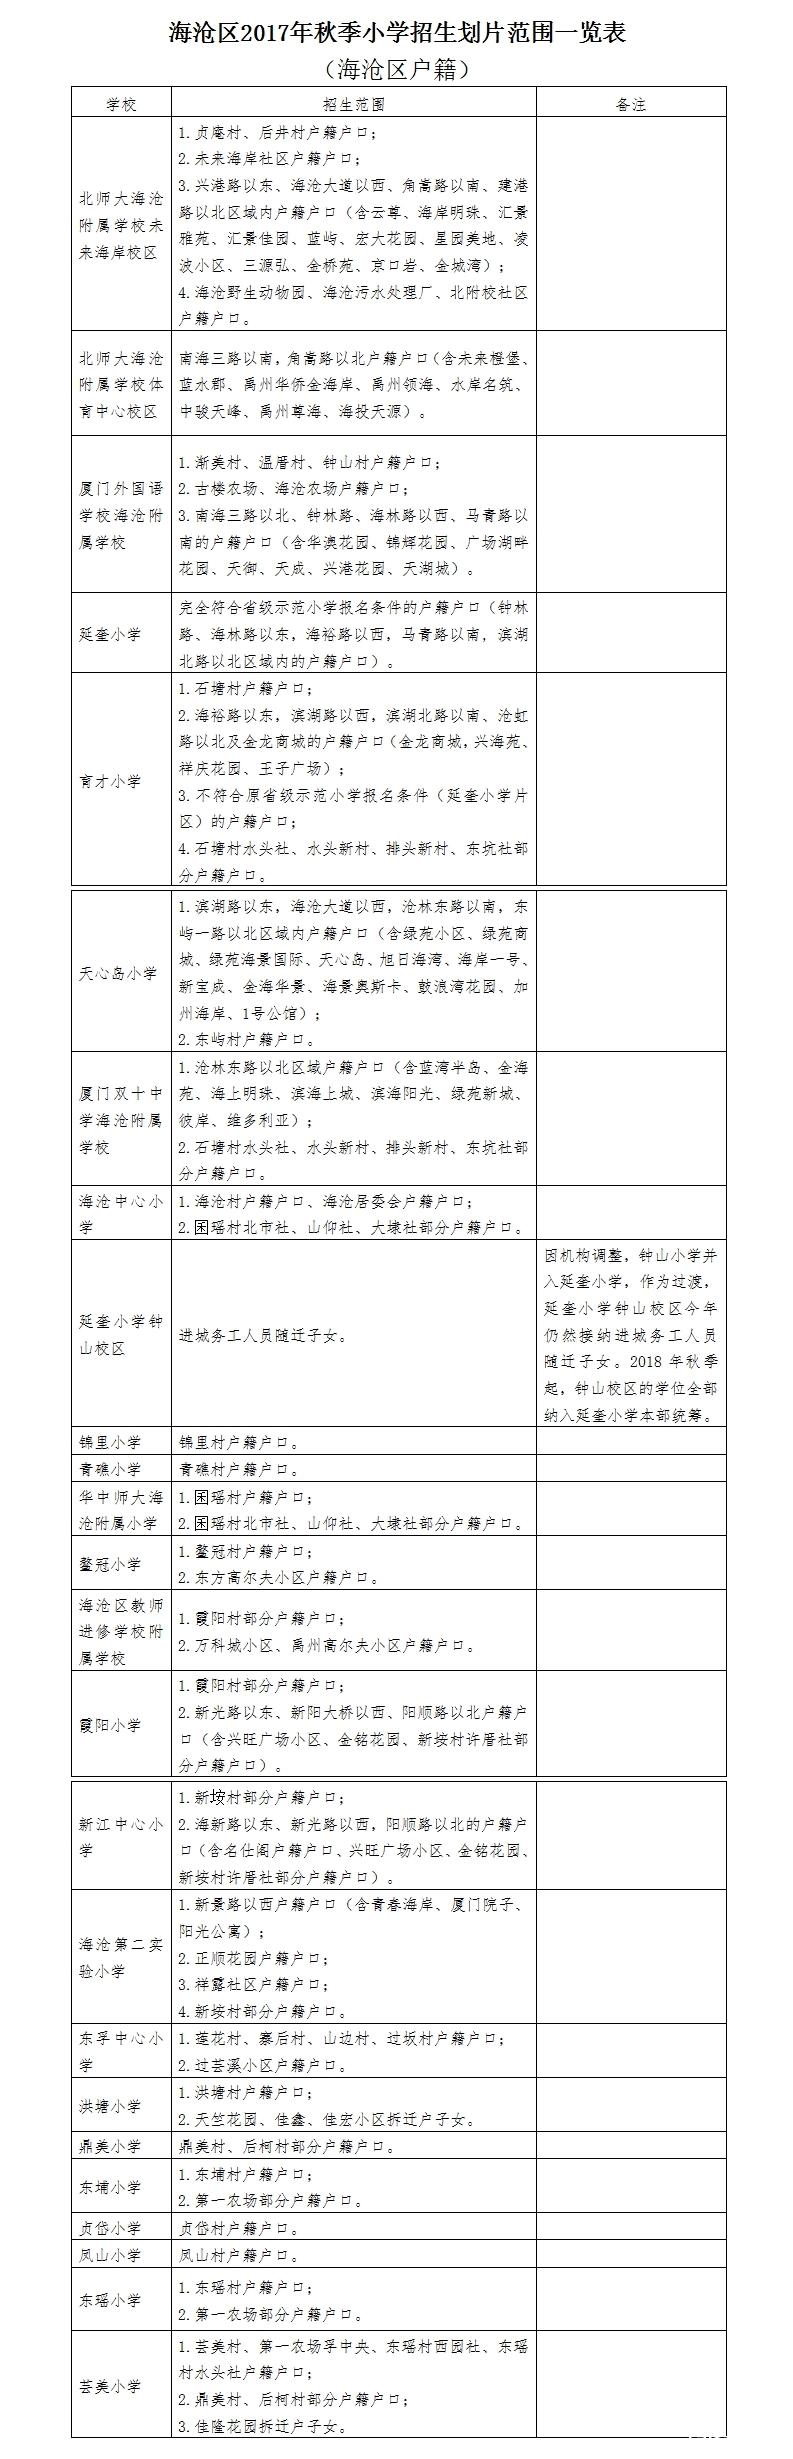 海沧区招生划片(海沧区户籍).jpg